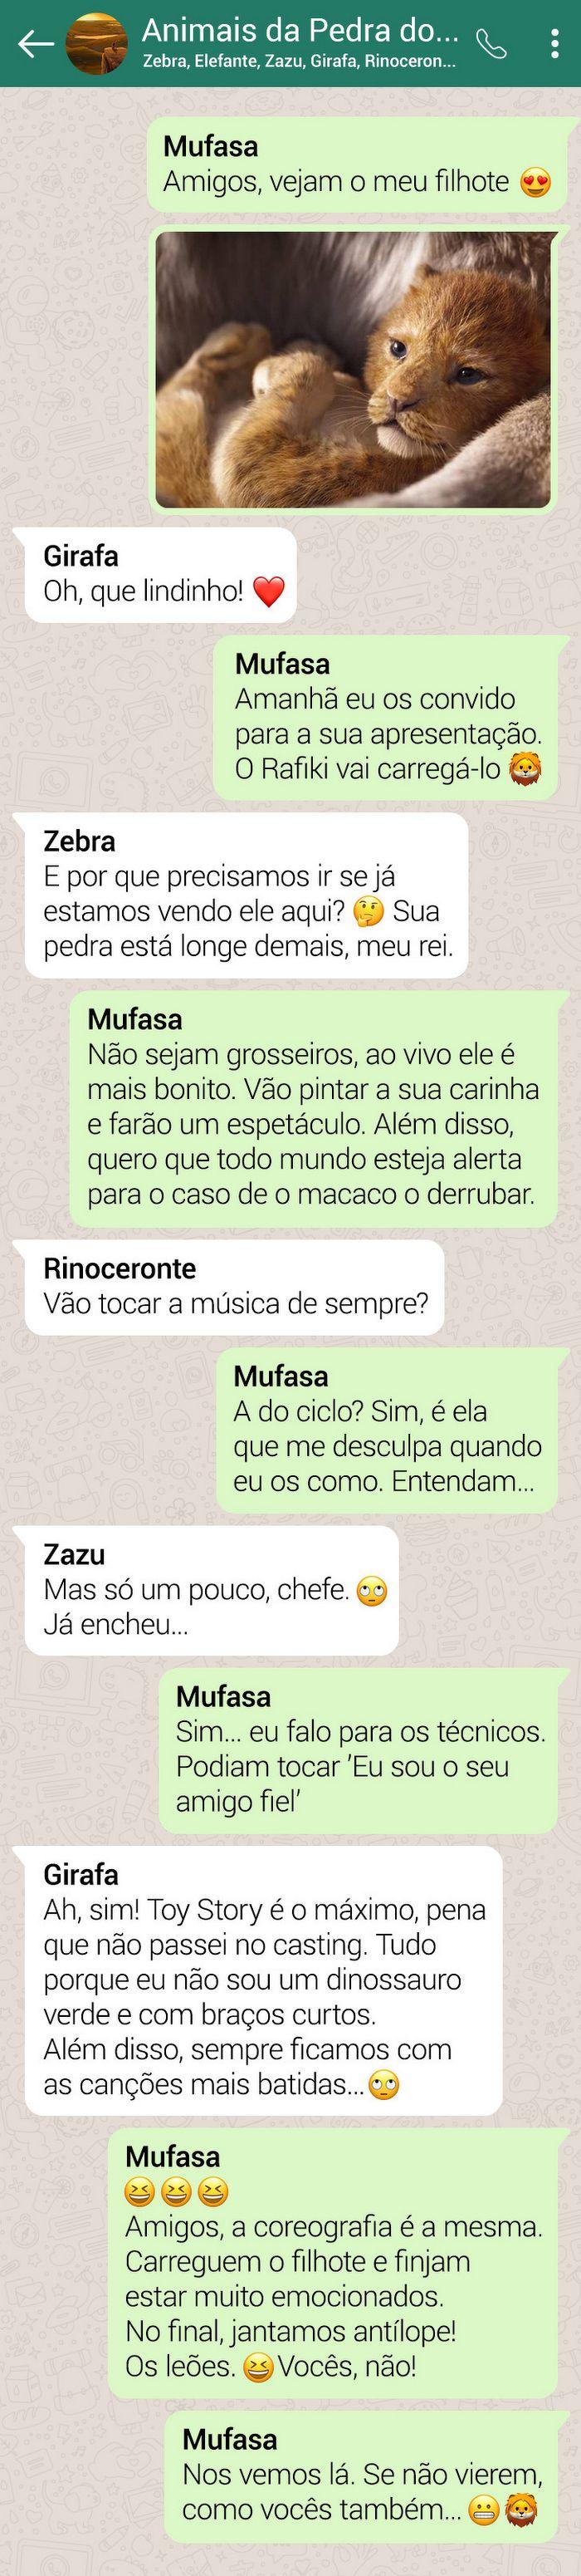 15 conversas dos personagens do Rei Leão pelo WhatsApp 17